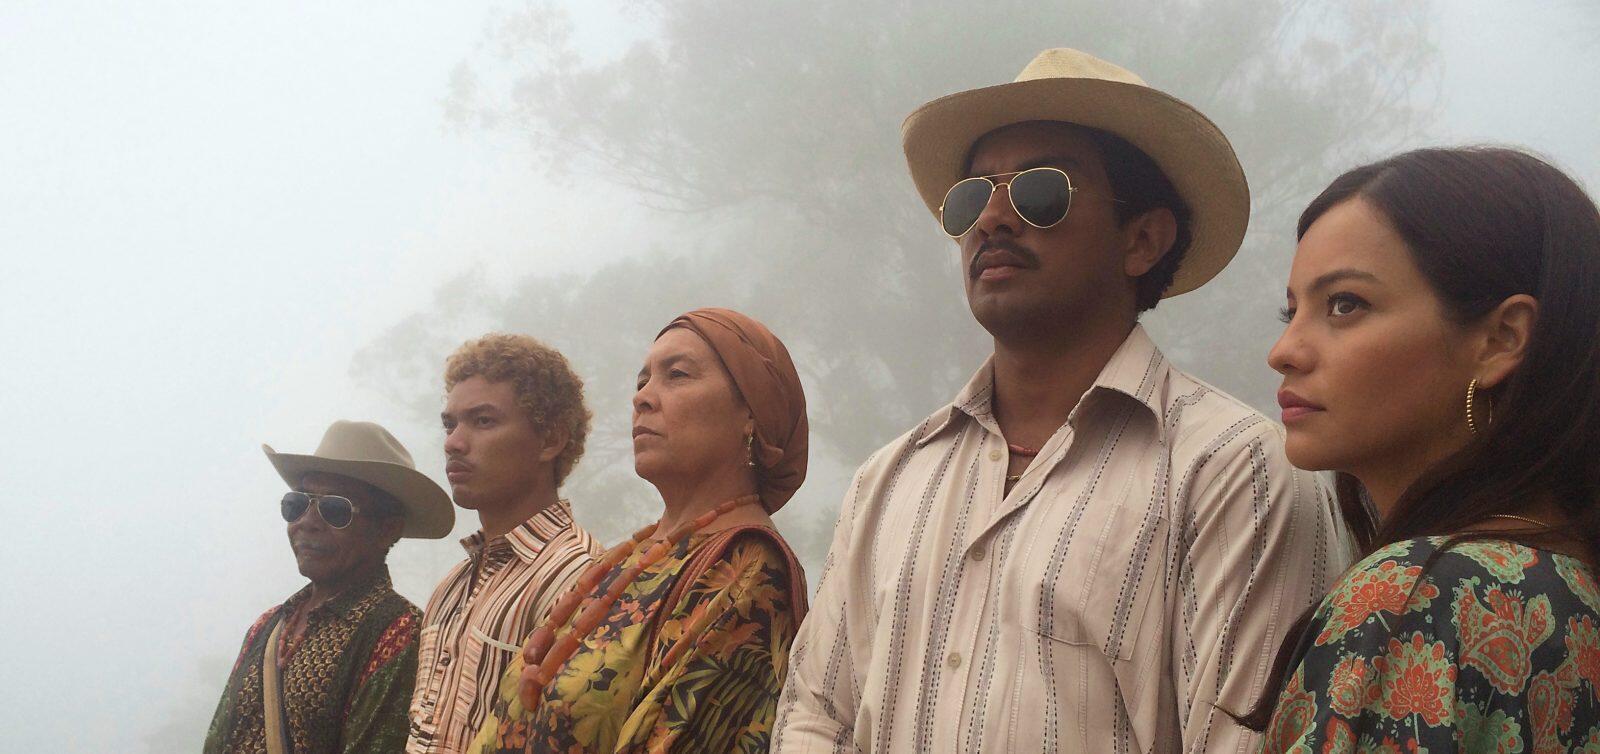 La «famille», qui rappelle un peu la mafia sicilienne : l'oncle «palabrero», le fils, la mère Ursula, le gendre Rafael et Zaïda, la fille.